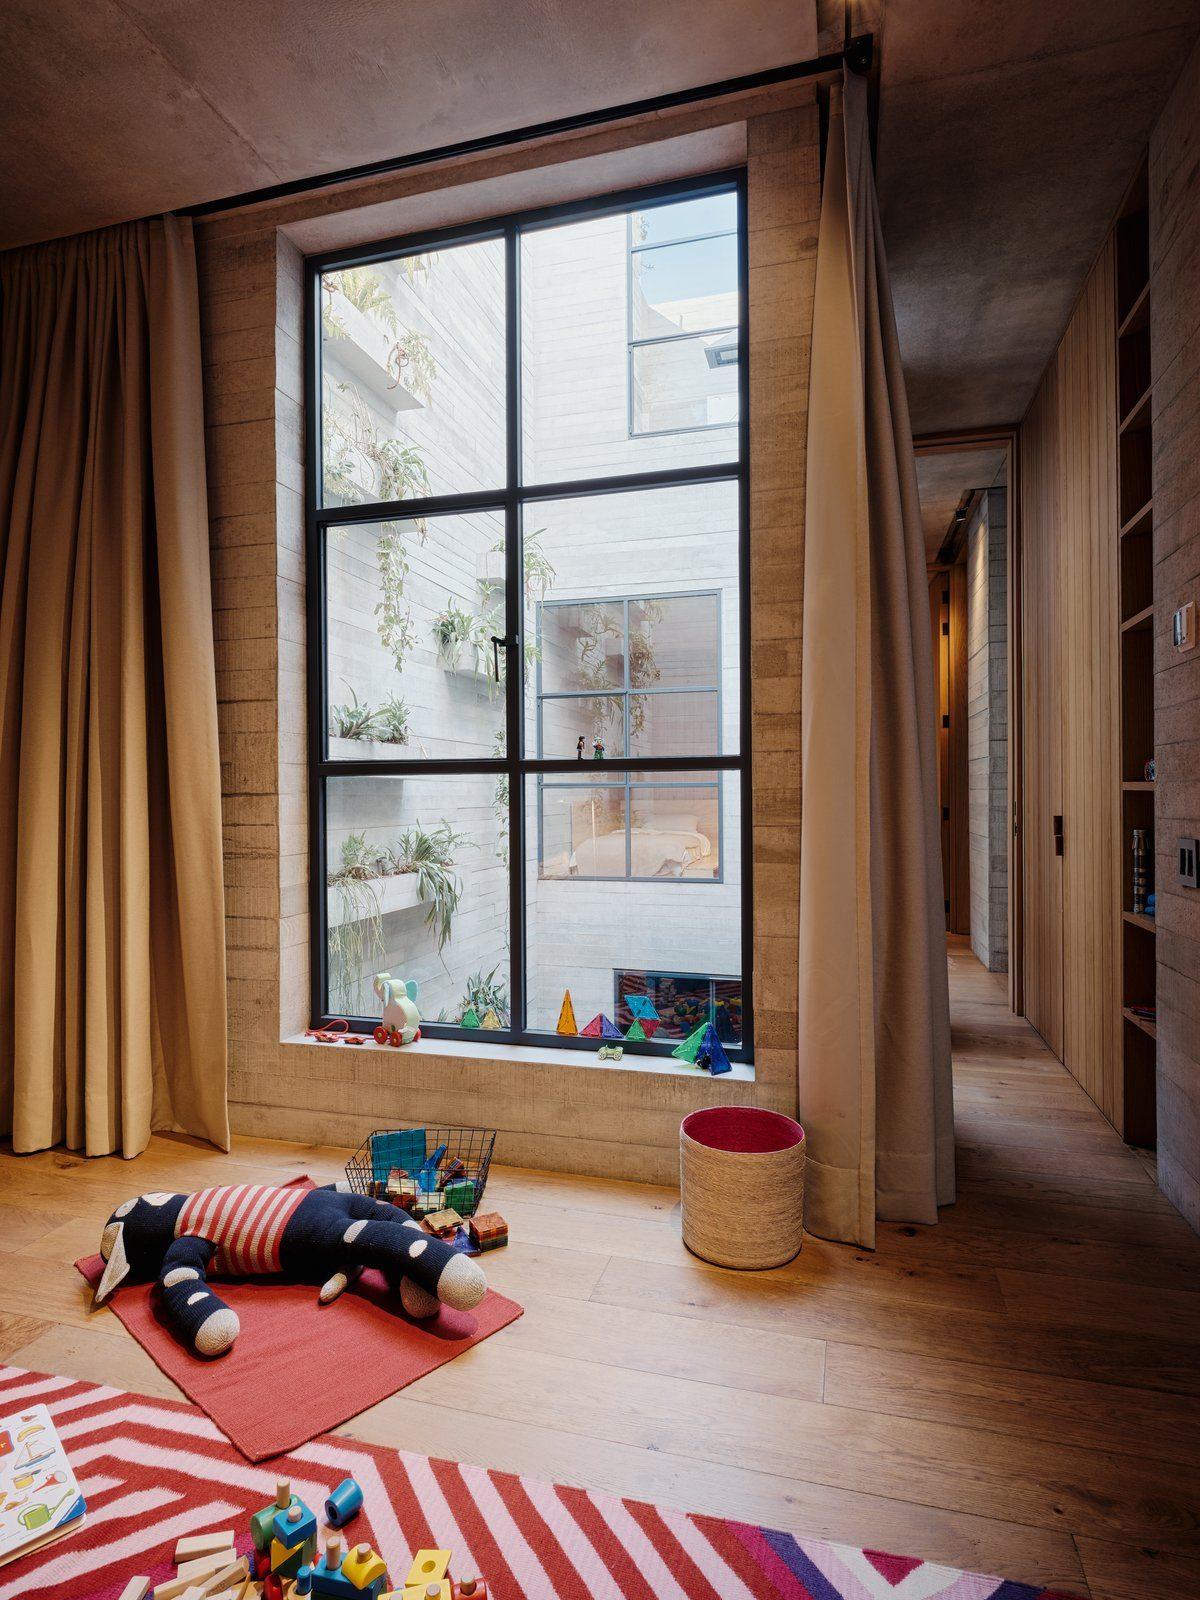 Tennyson-205-Apartment-designalive_bonus-1